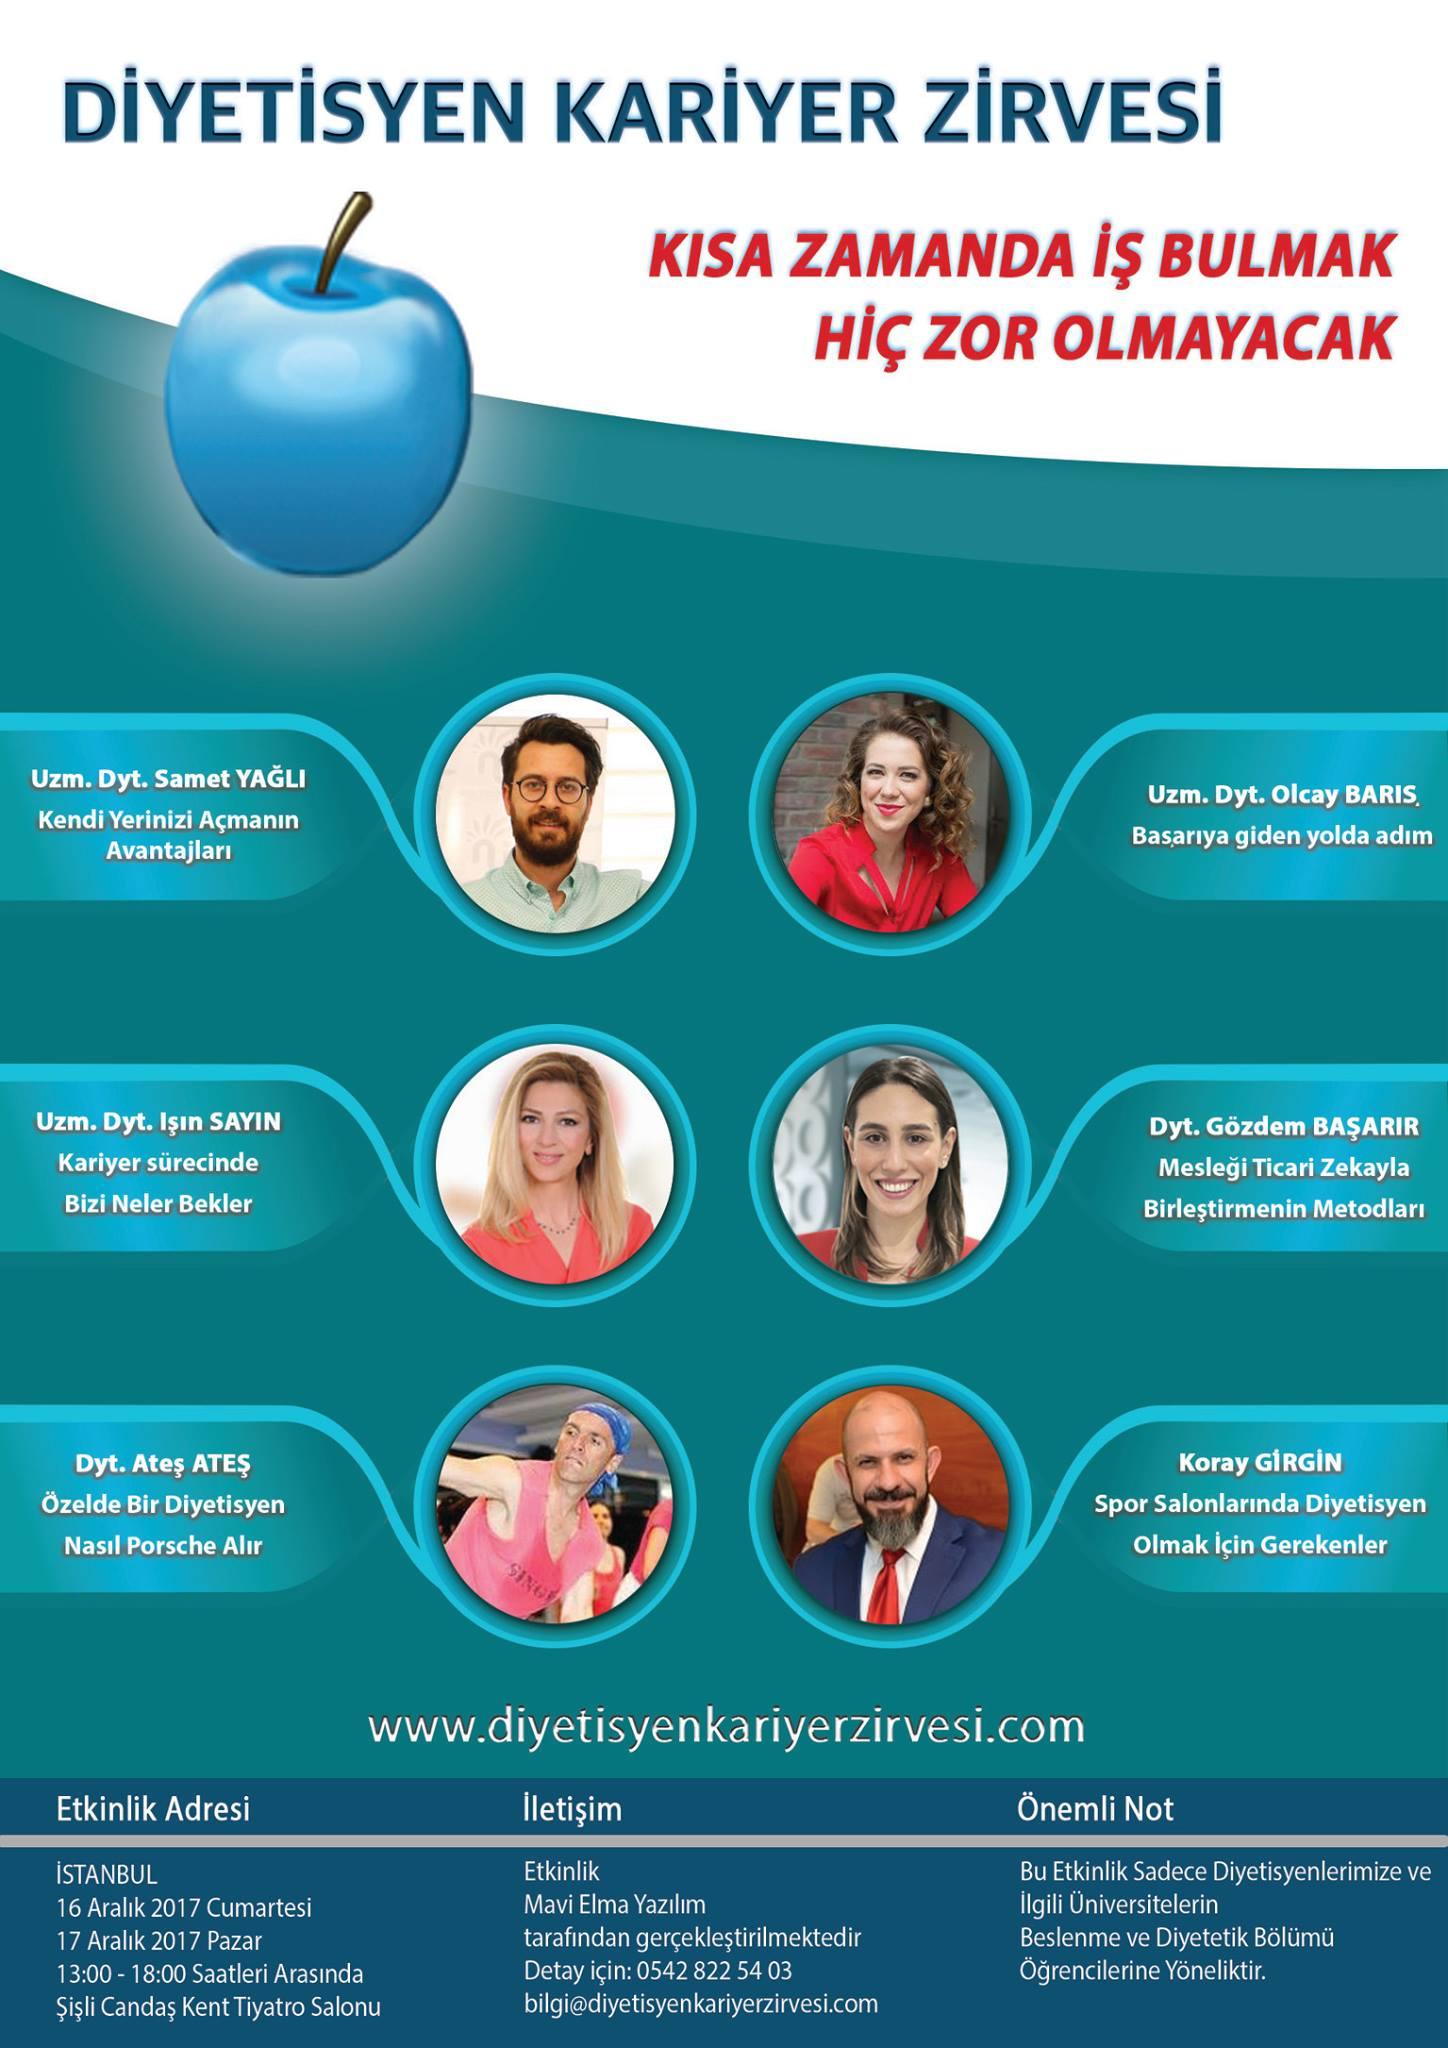 diyetisyen kariyer zirvesi 2017